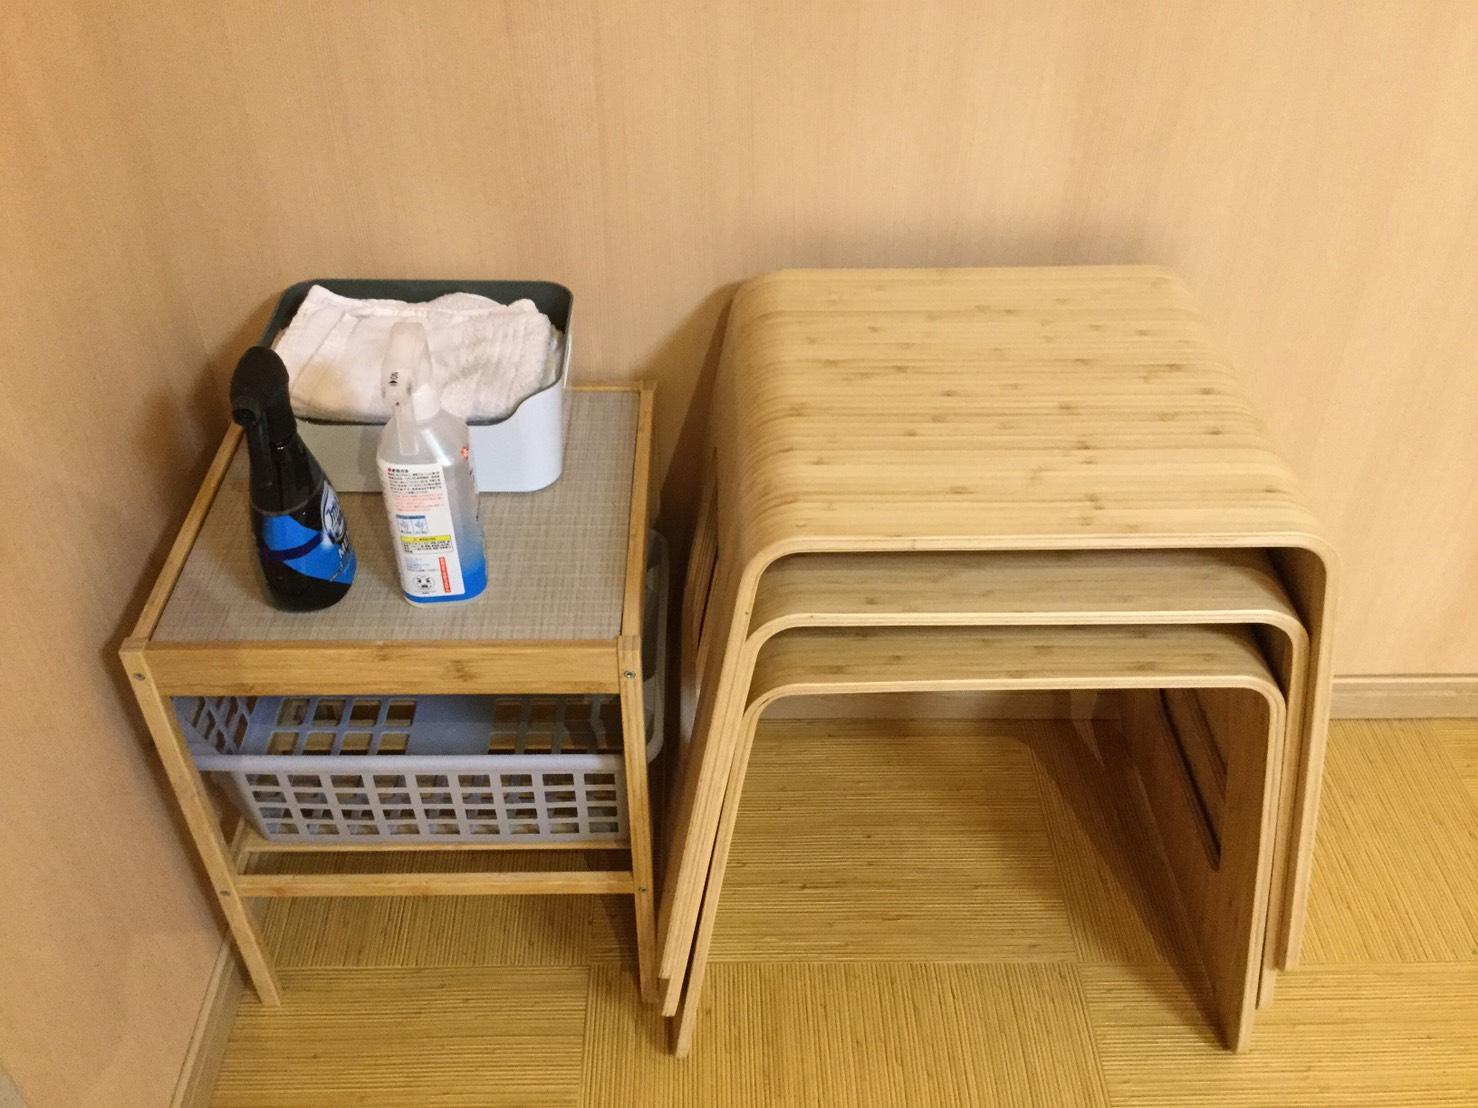 補助椅子と清掃道具です - レンタルルーム 馬車道茶会室 会議室 瞑想 テレワークの室内の写真